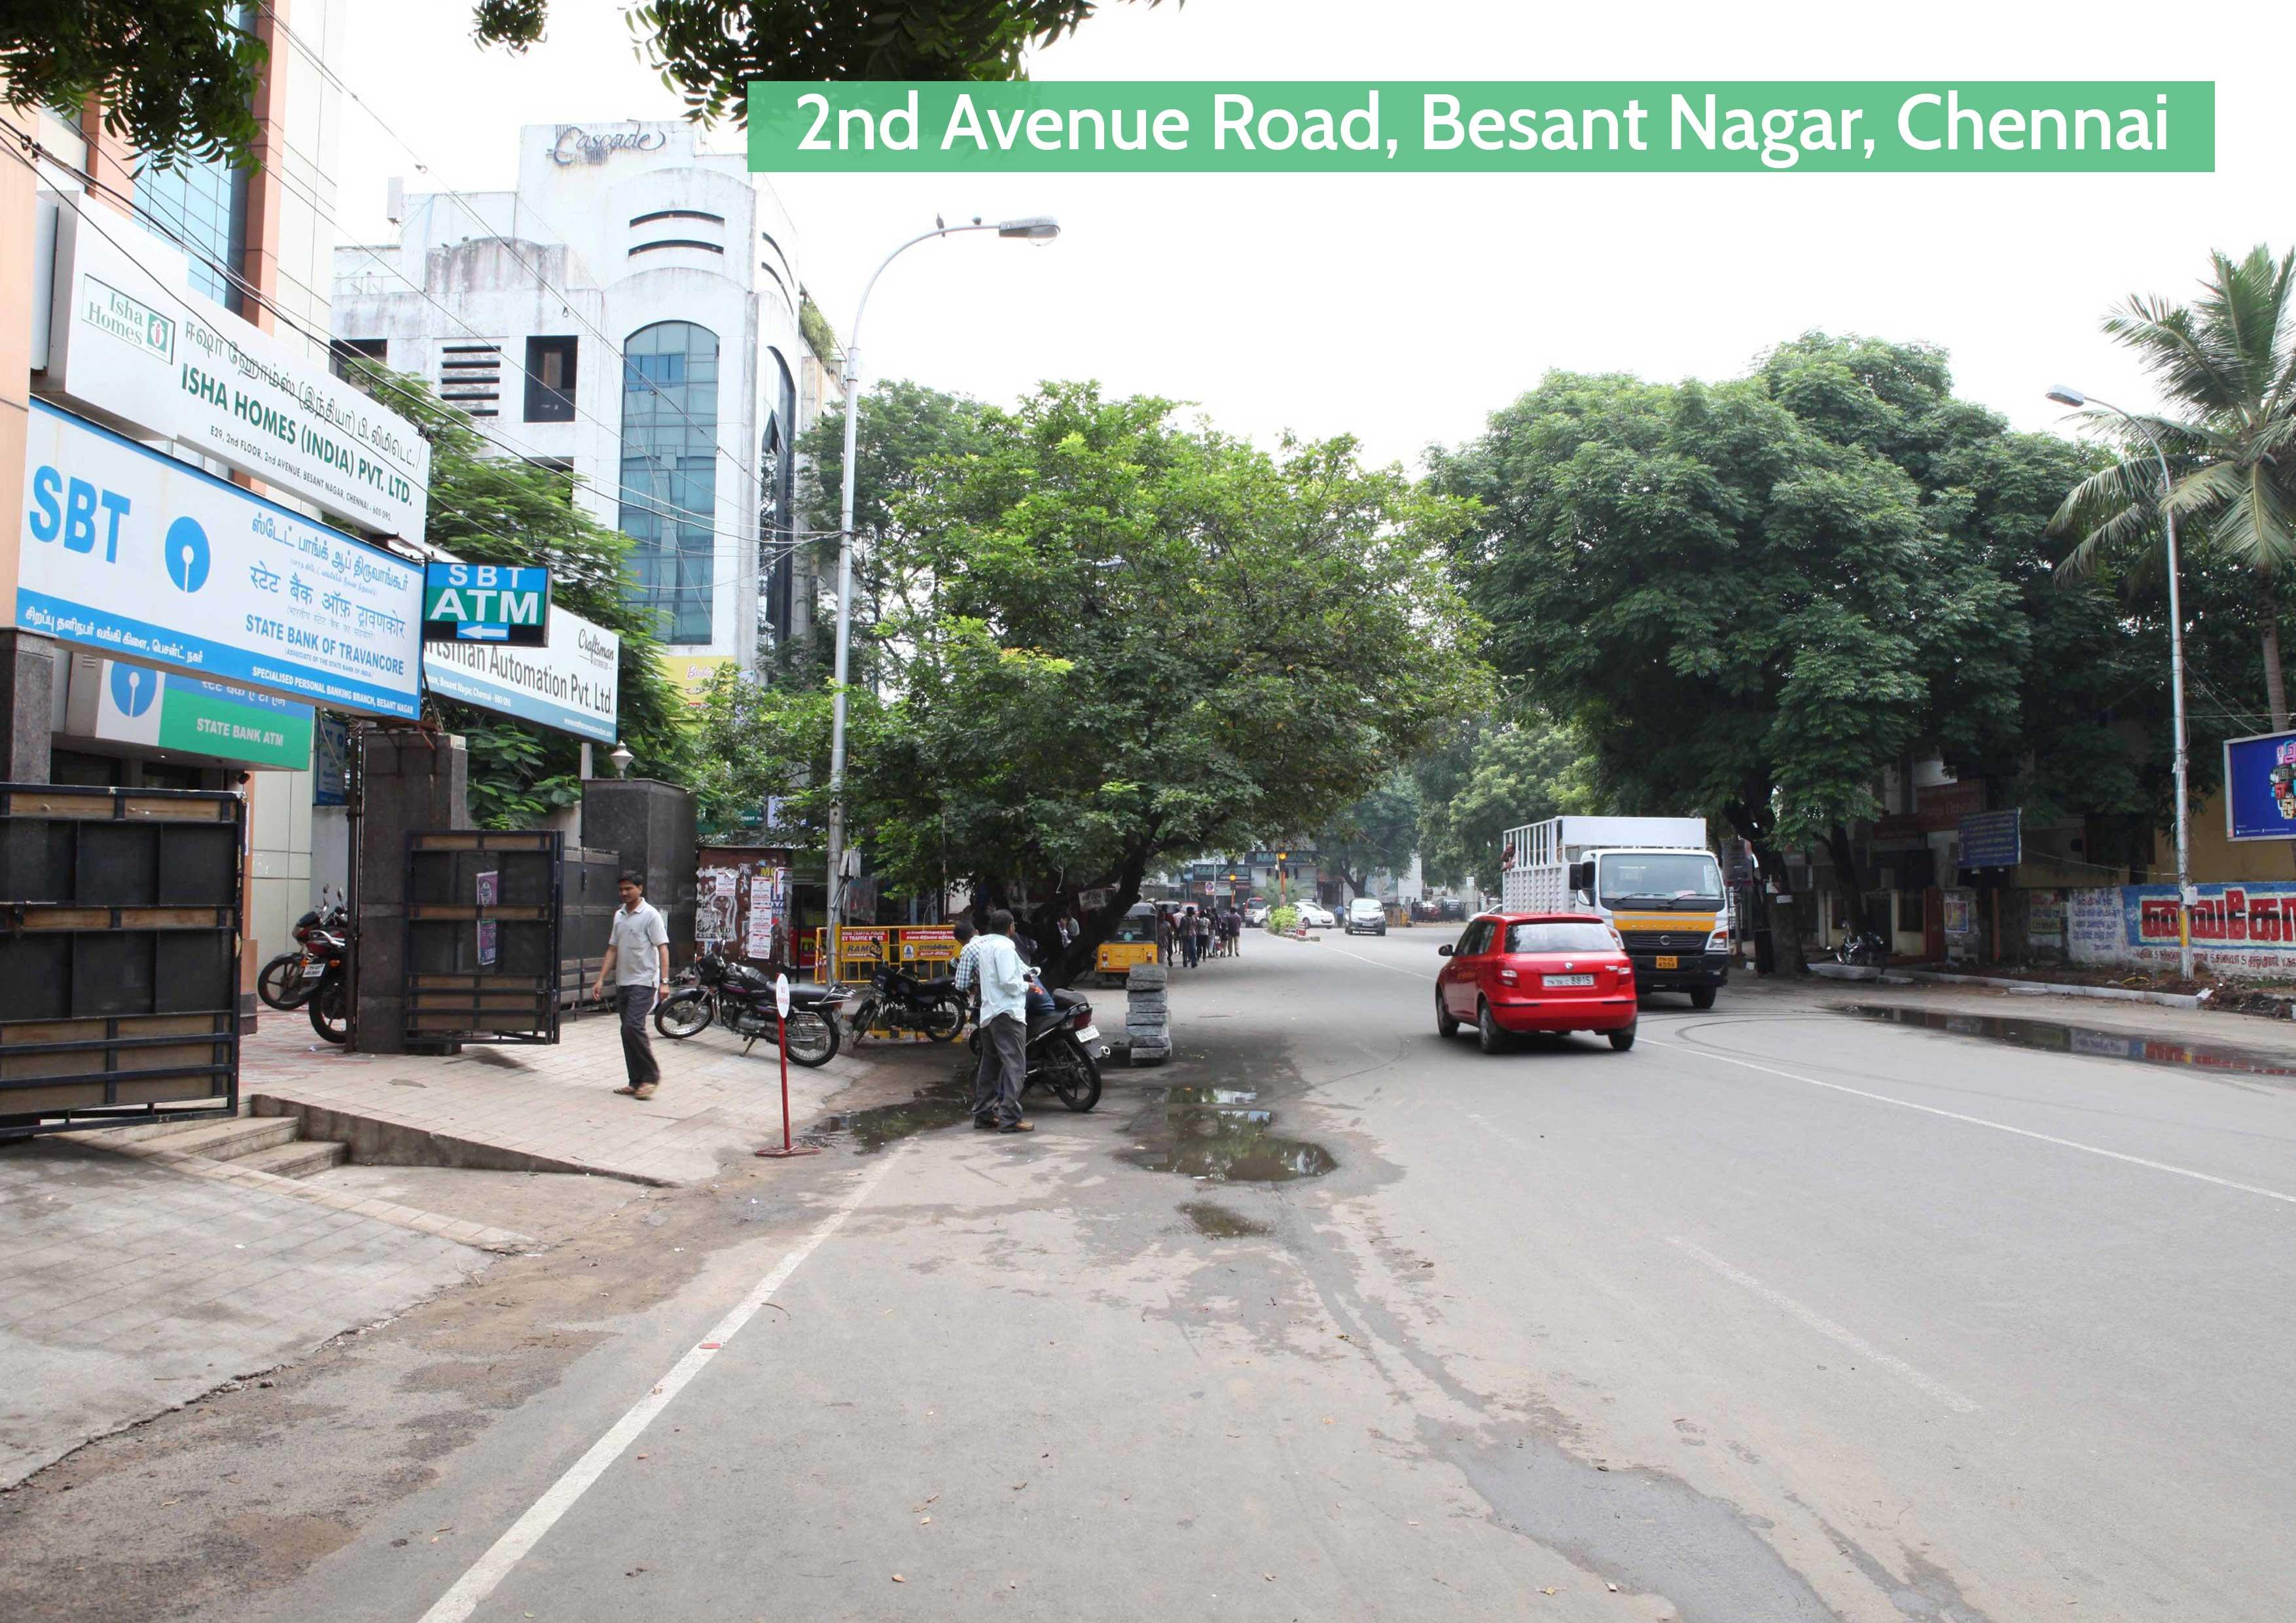 Before-Besant Nagar, Chennai